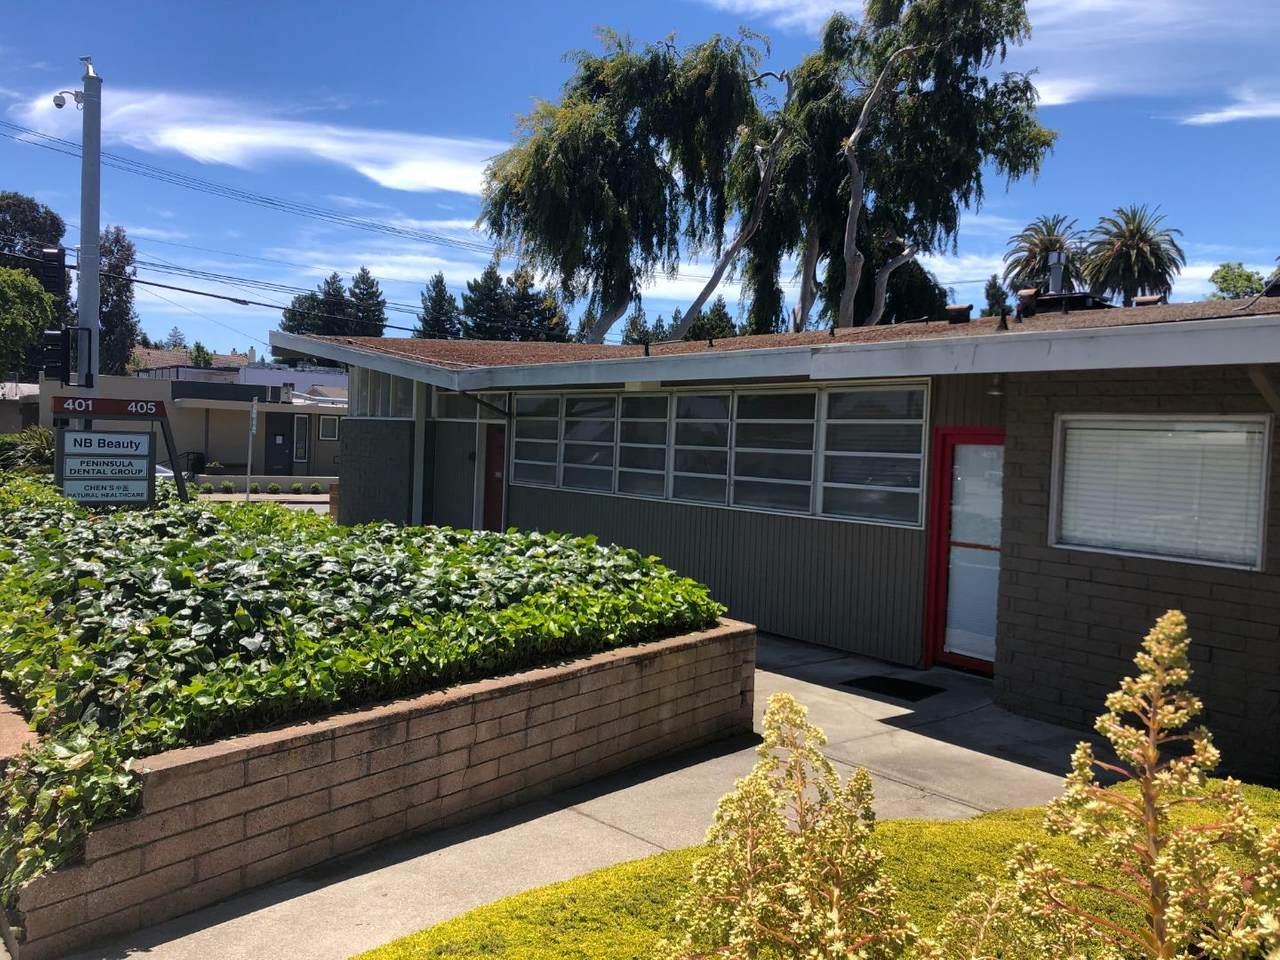 405 San Mateo Drive - Photo 1